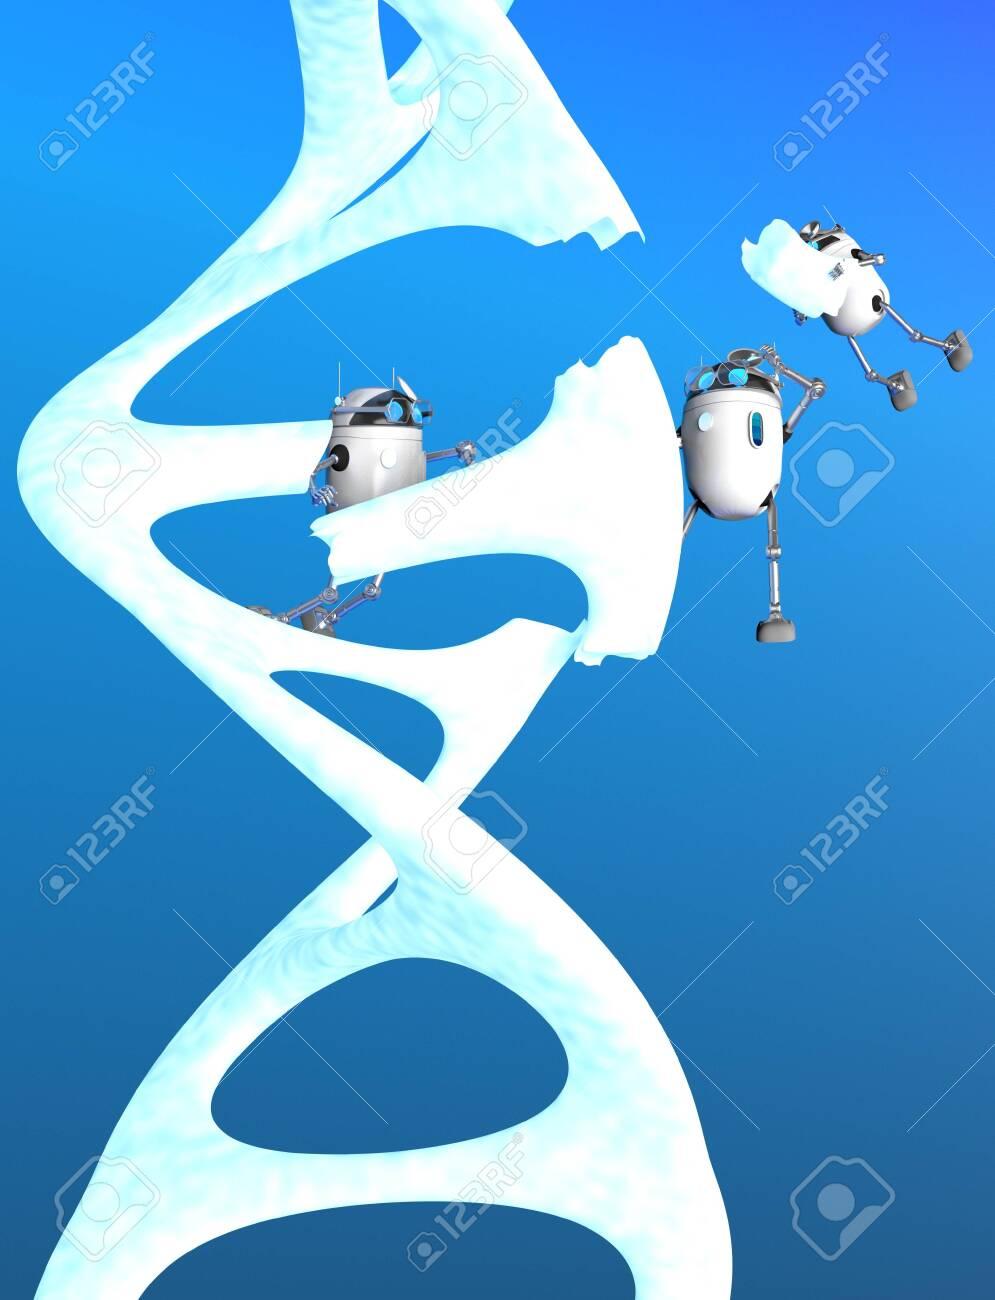 The robots fix Blue Dna molecule,text,3d render. - 131122255